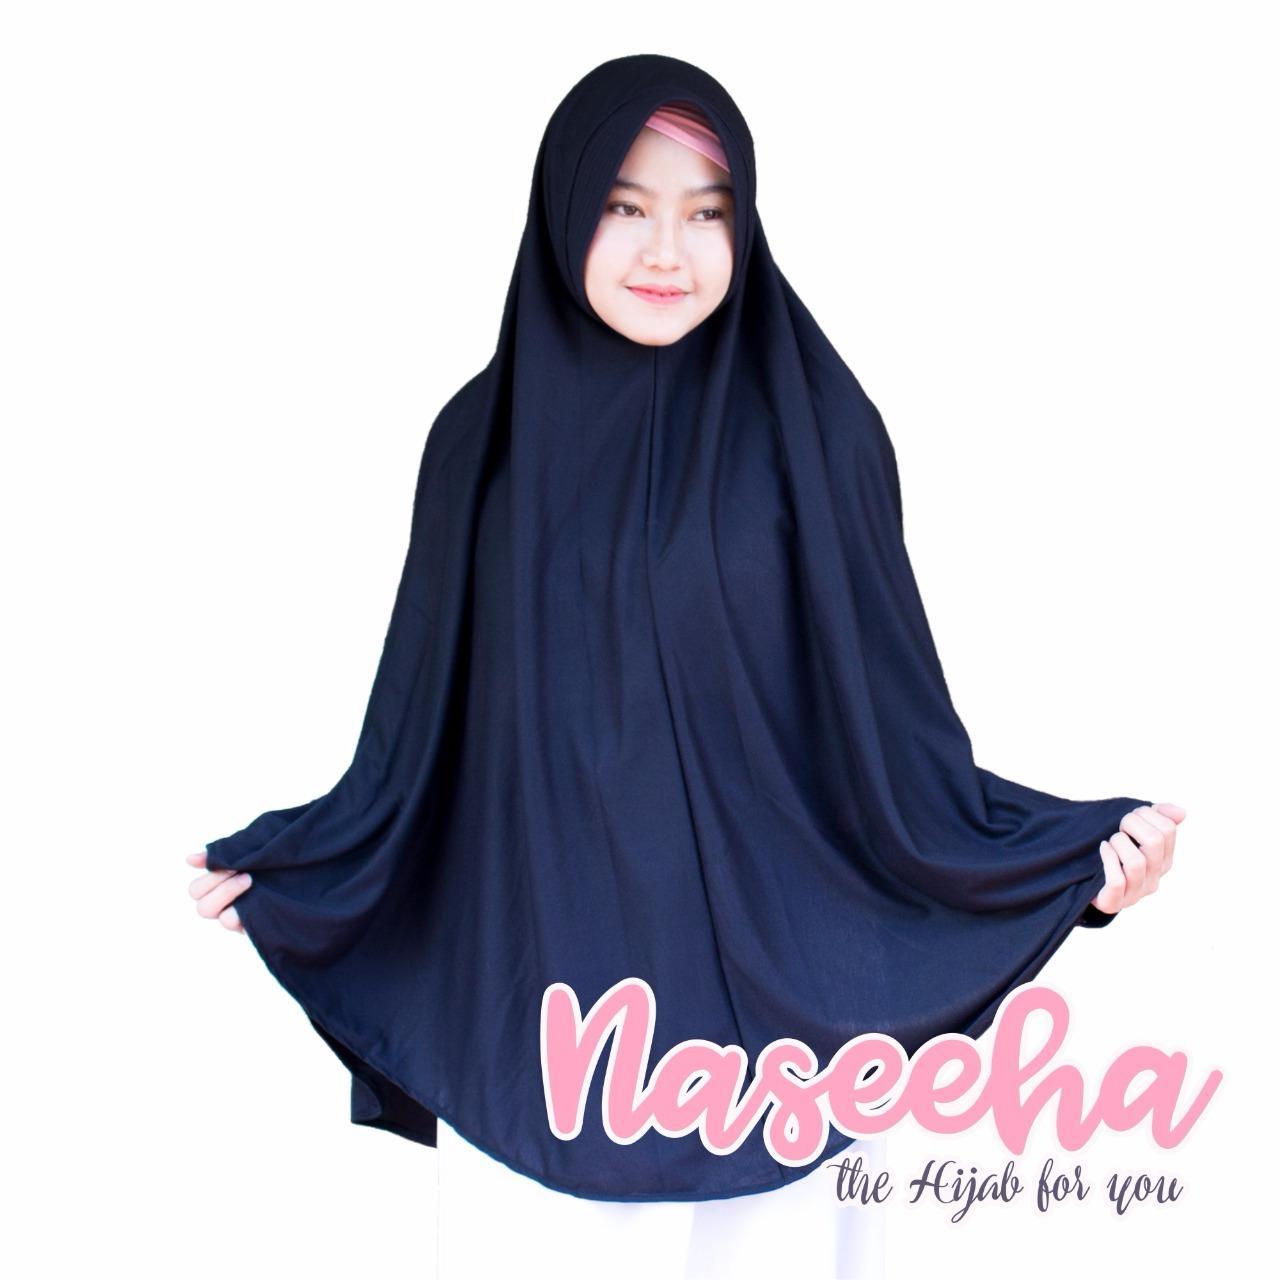 Jual Kerudung Bergo Terbaru November 2018 Pakar Belanja Hijab Jilbab Khimar Syar I Farida Syari Polos Instan Naseeha